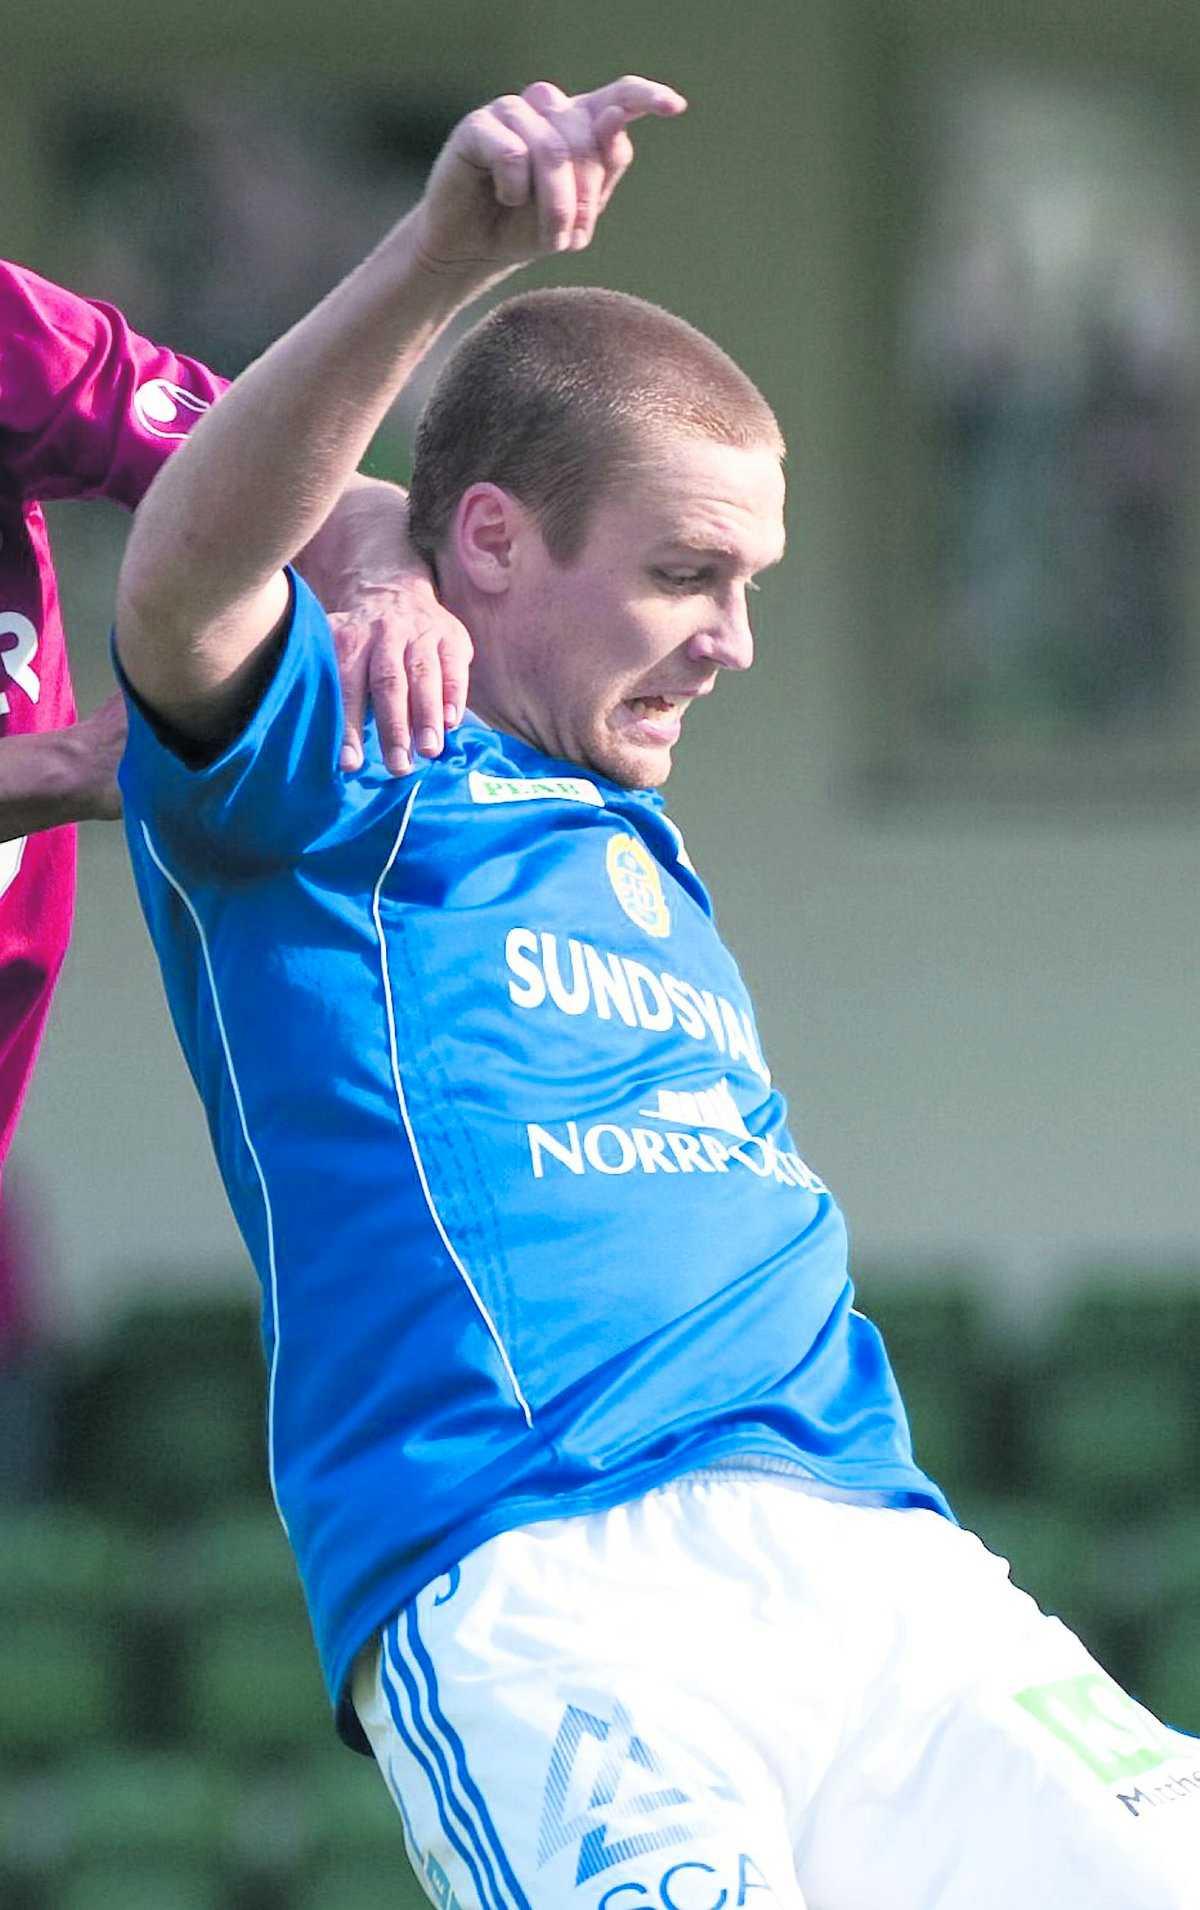 Till Norge. David Myrestam lämnar GIF Sundsvall för ett fyraårskontrakt med Haugesund, där han återförenas med Pontus Engblom